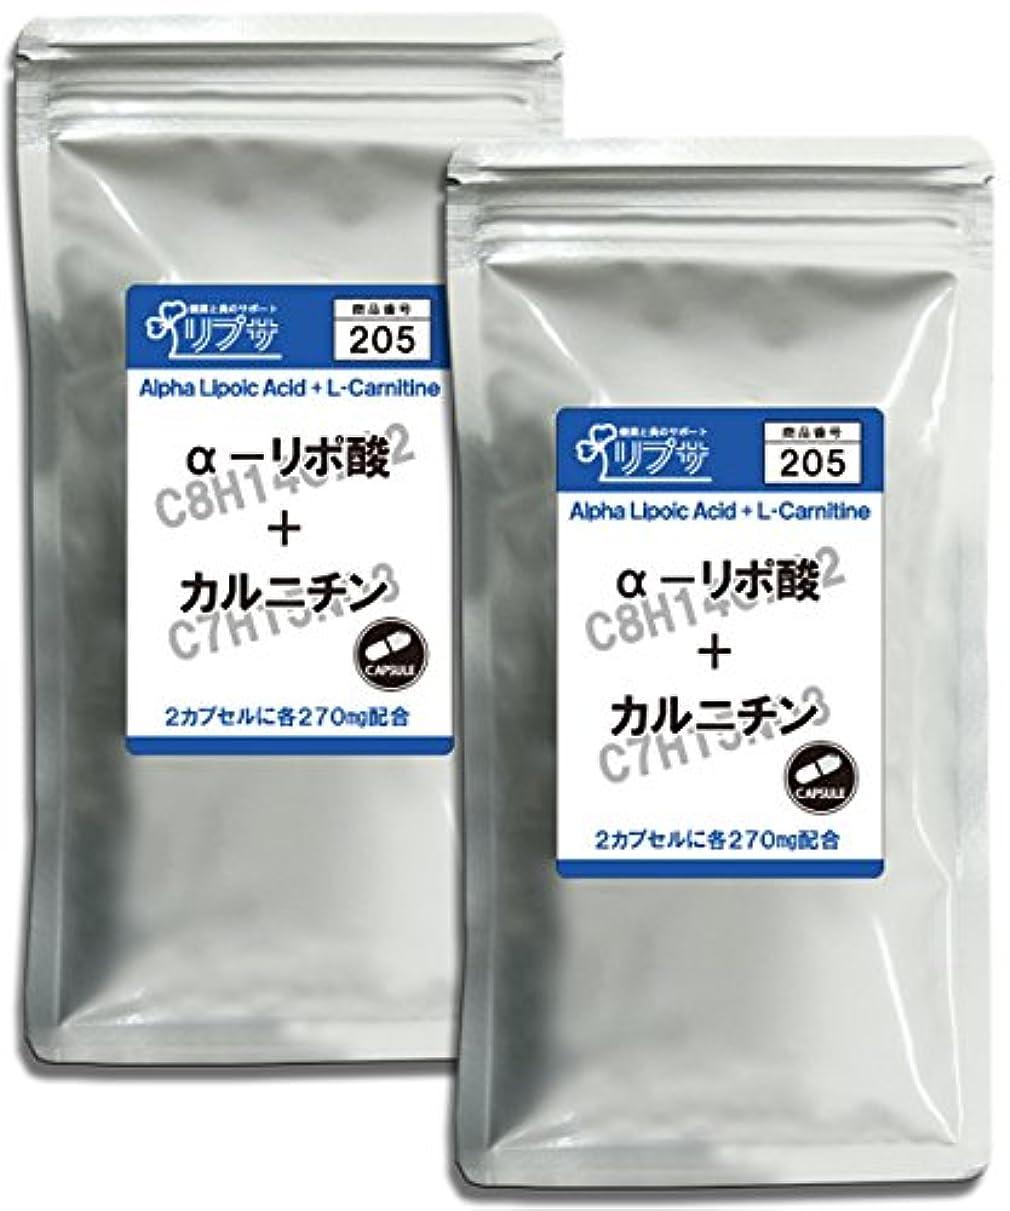 効能スキーム慰めアルファリポ酸+カルニチン 約3か月分×2袋 C-205-2